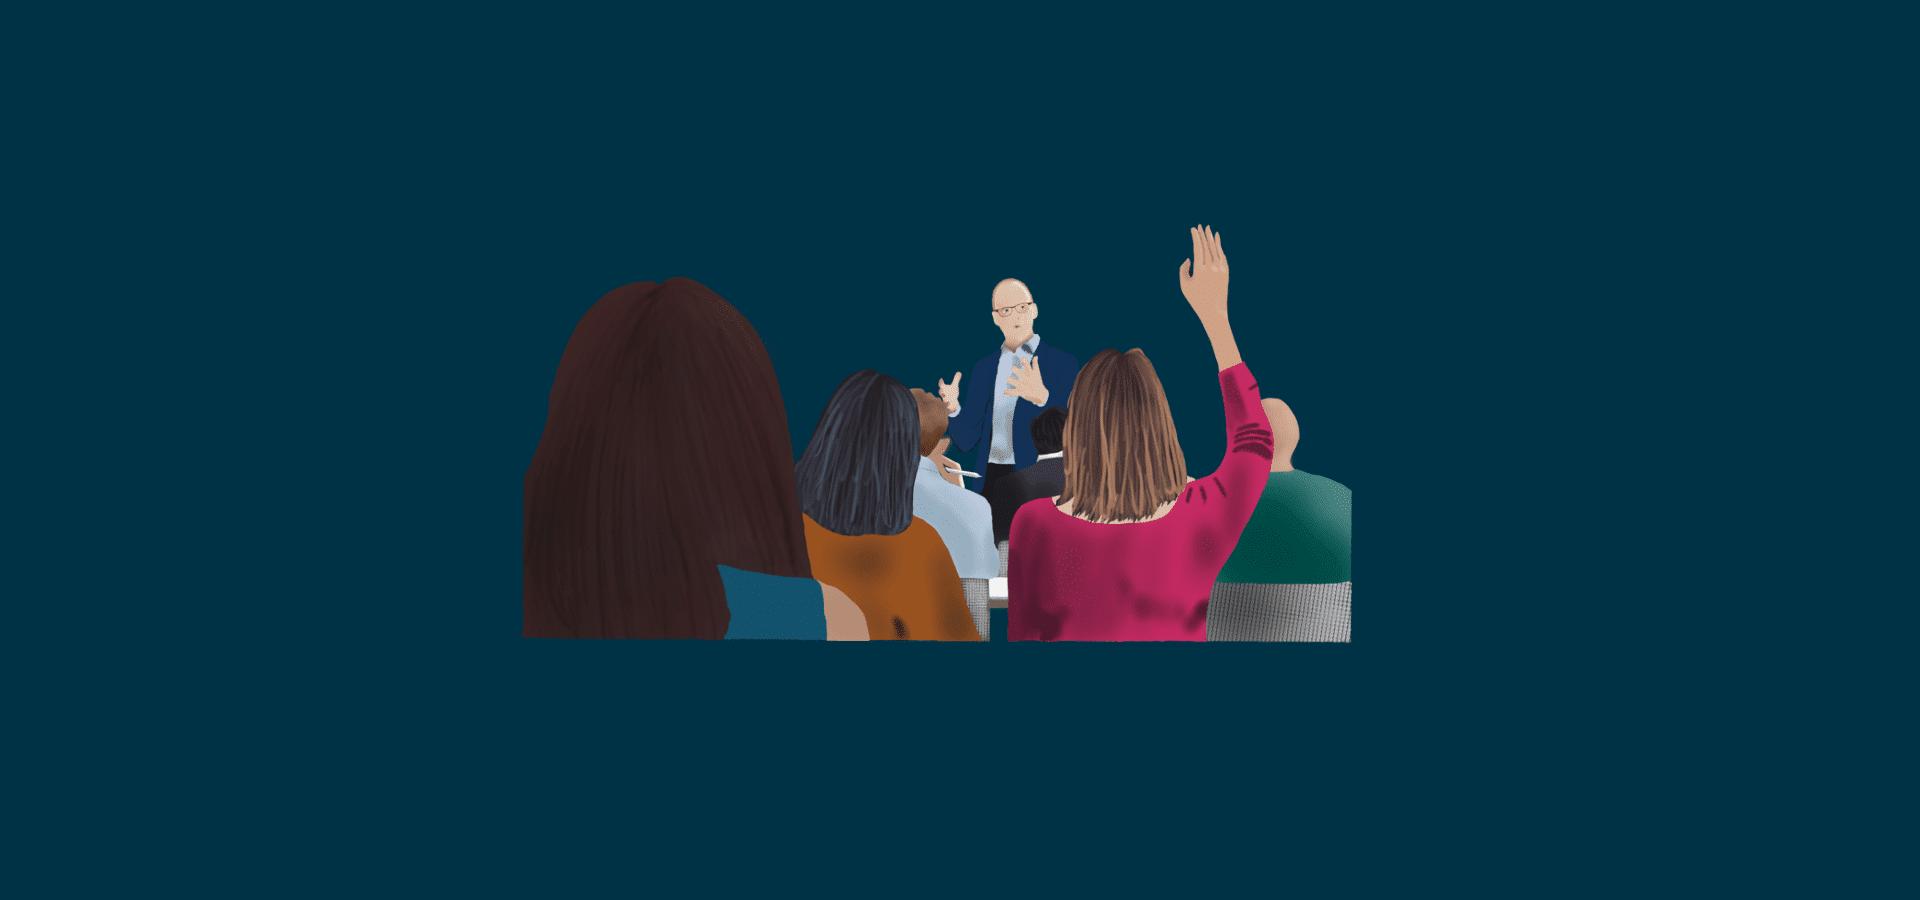 Talare-i-klassrum-med-kursdeltagare